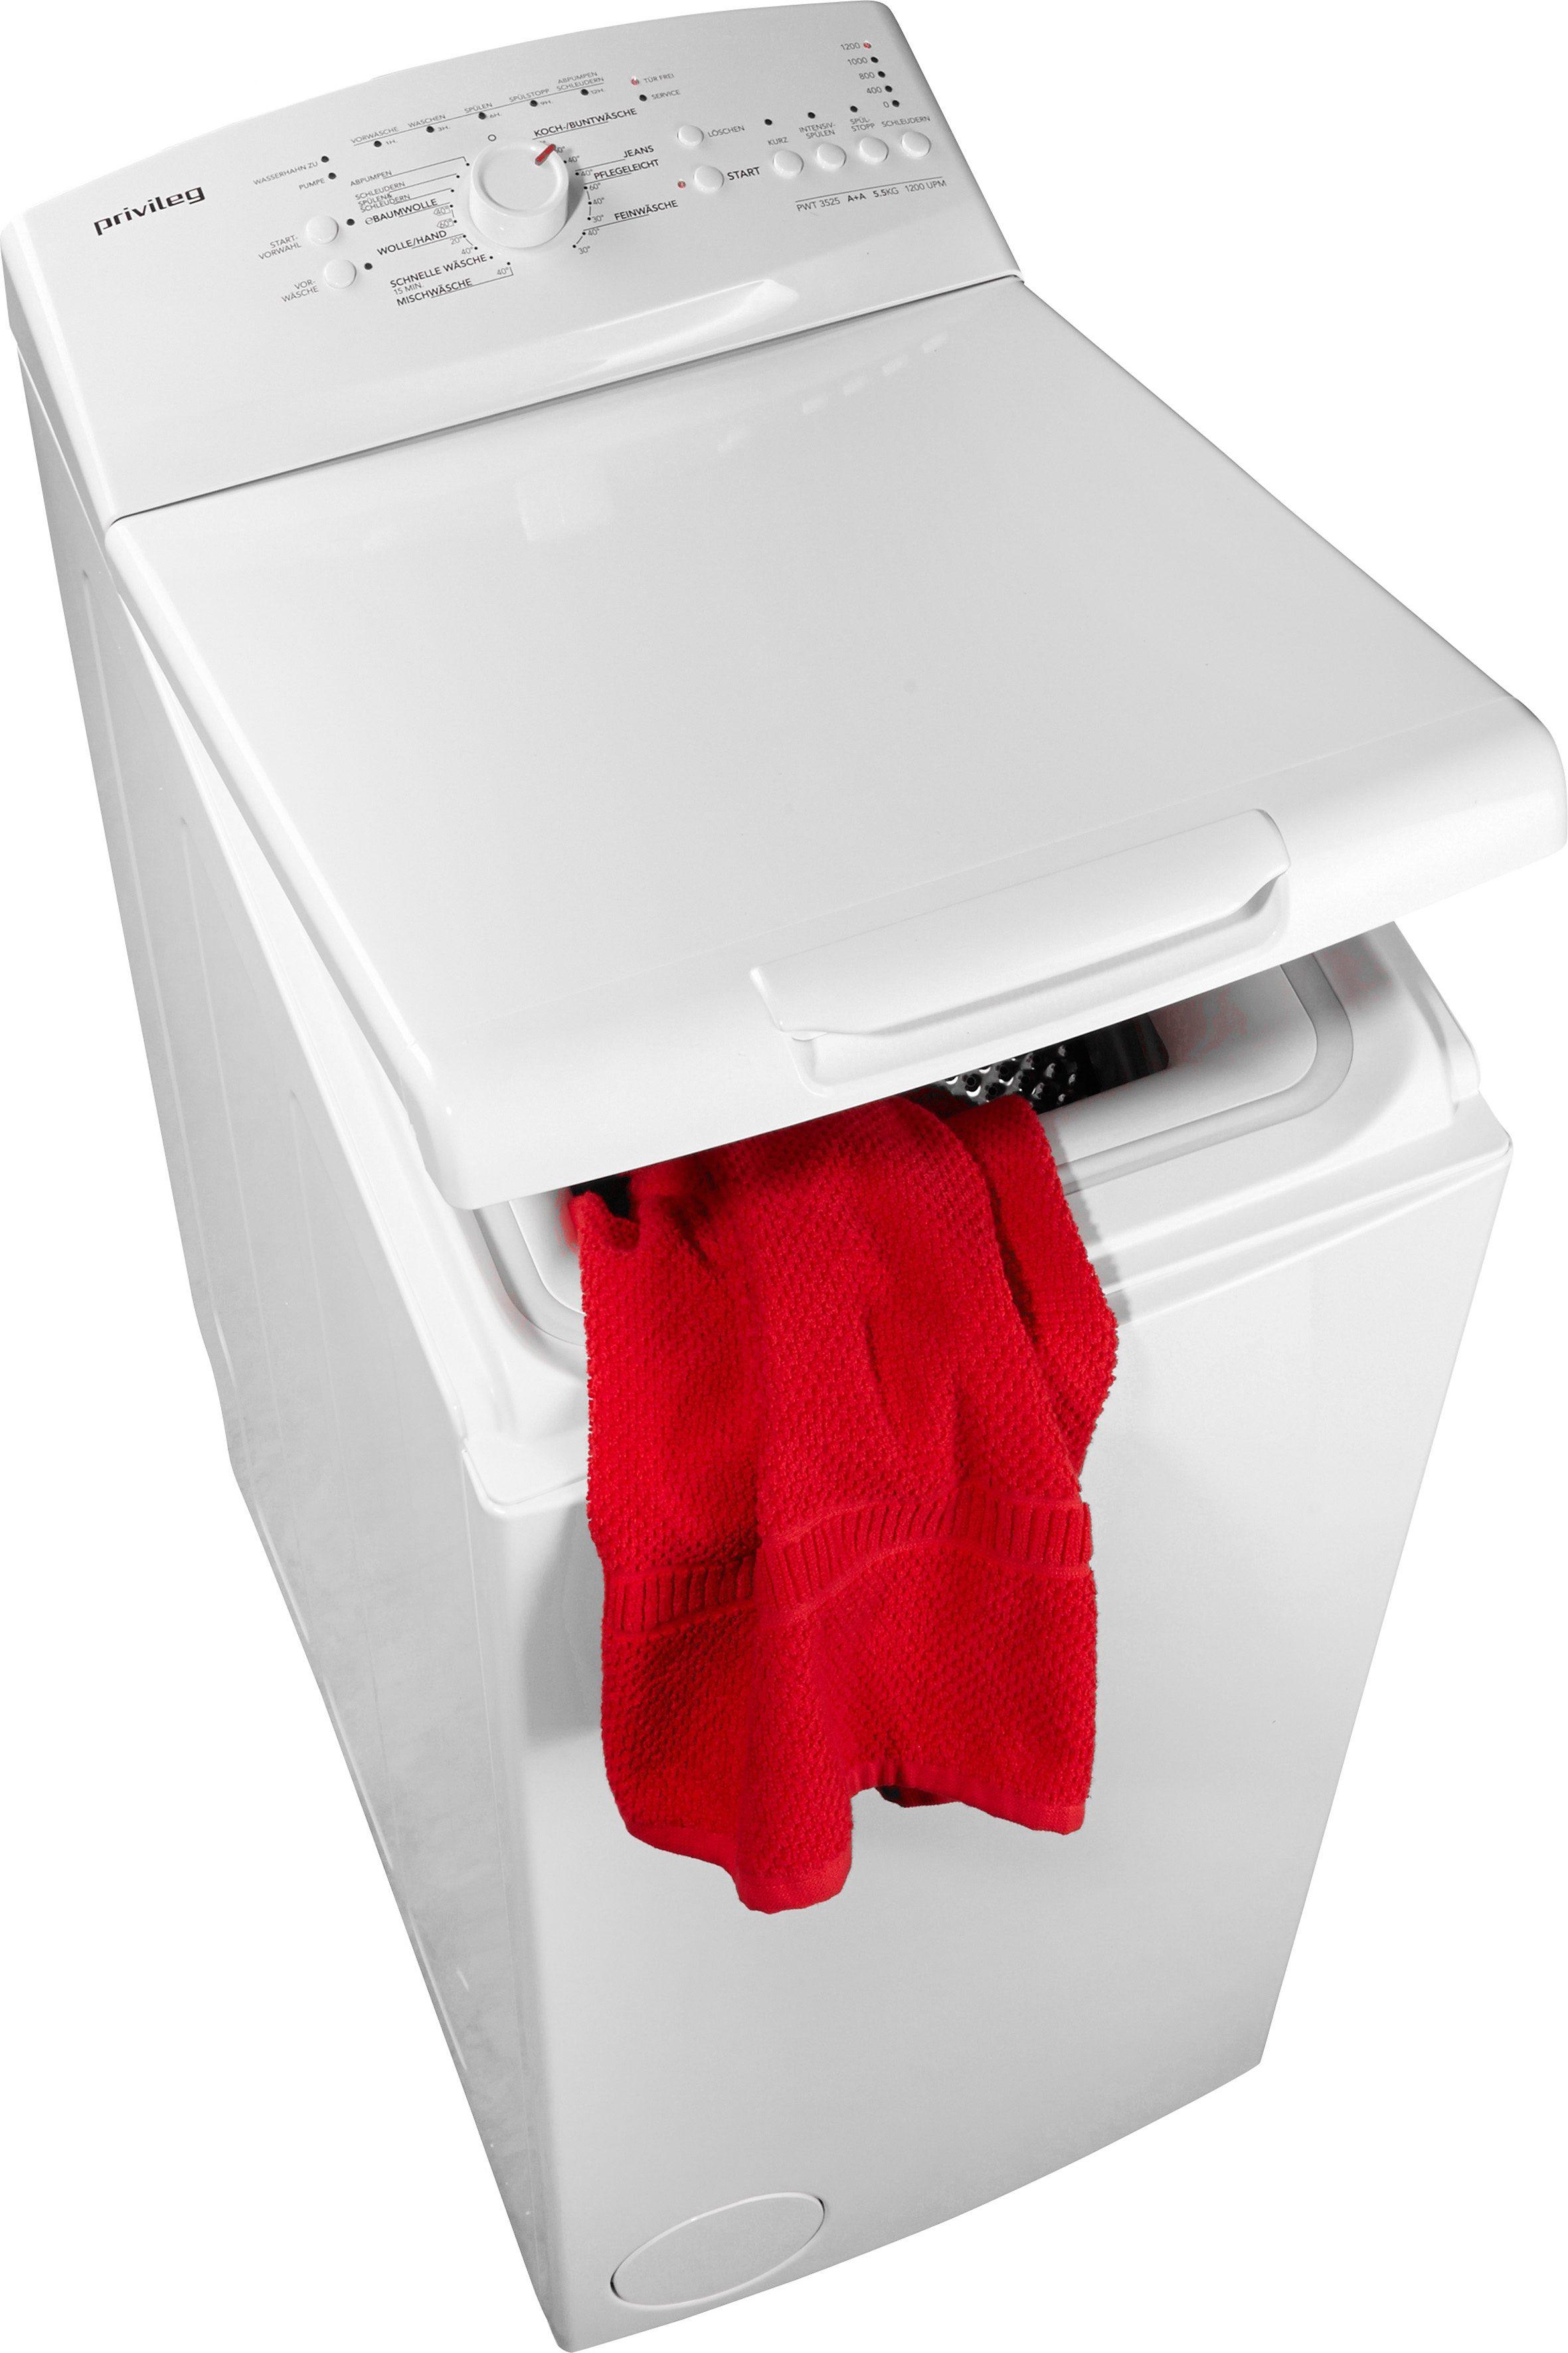 Privileg Waschmaschine Toplader PWT 3525, A+, 5,5 kg, 1200 U/Min